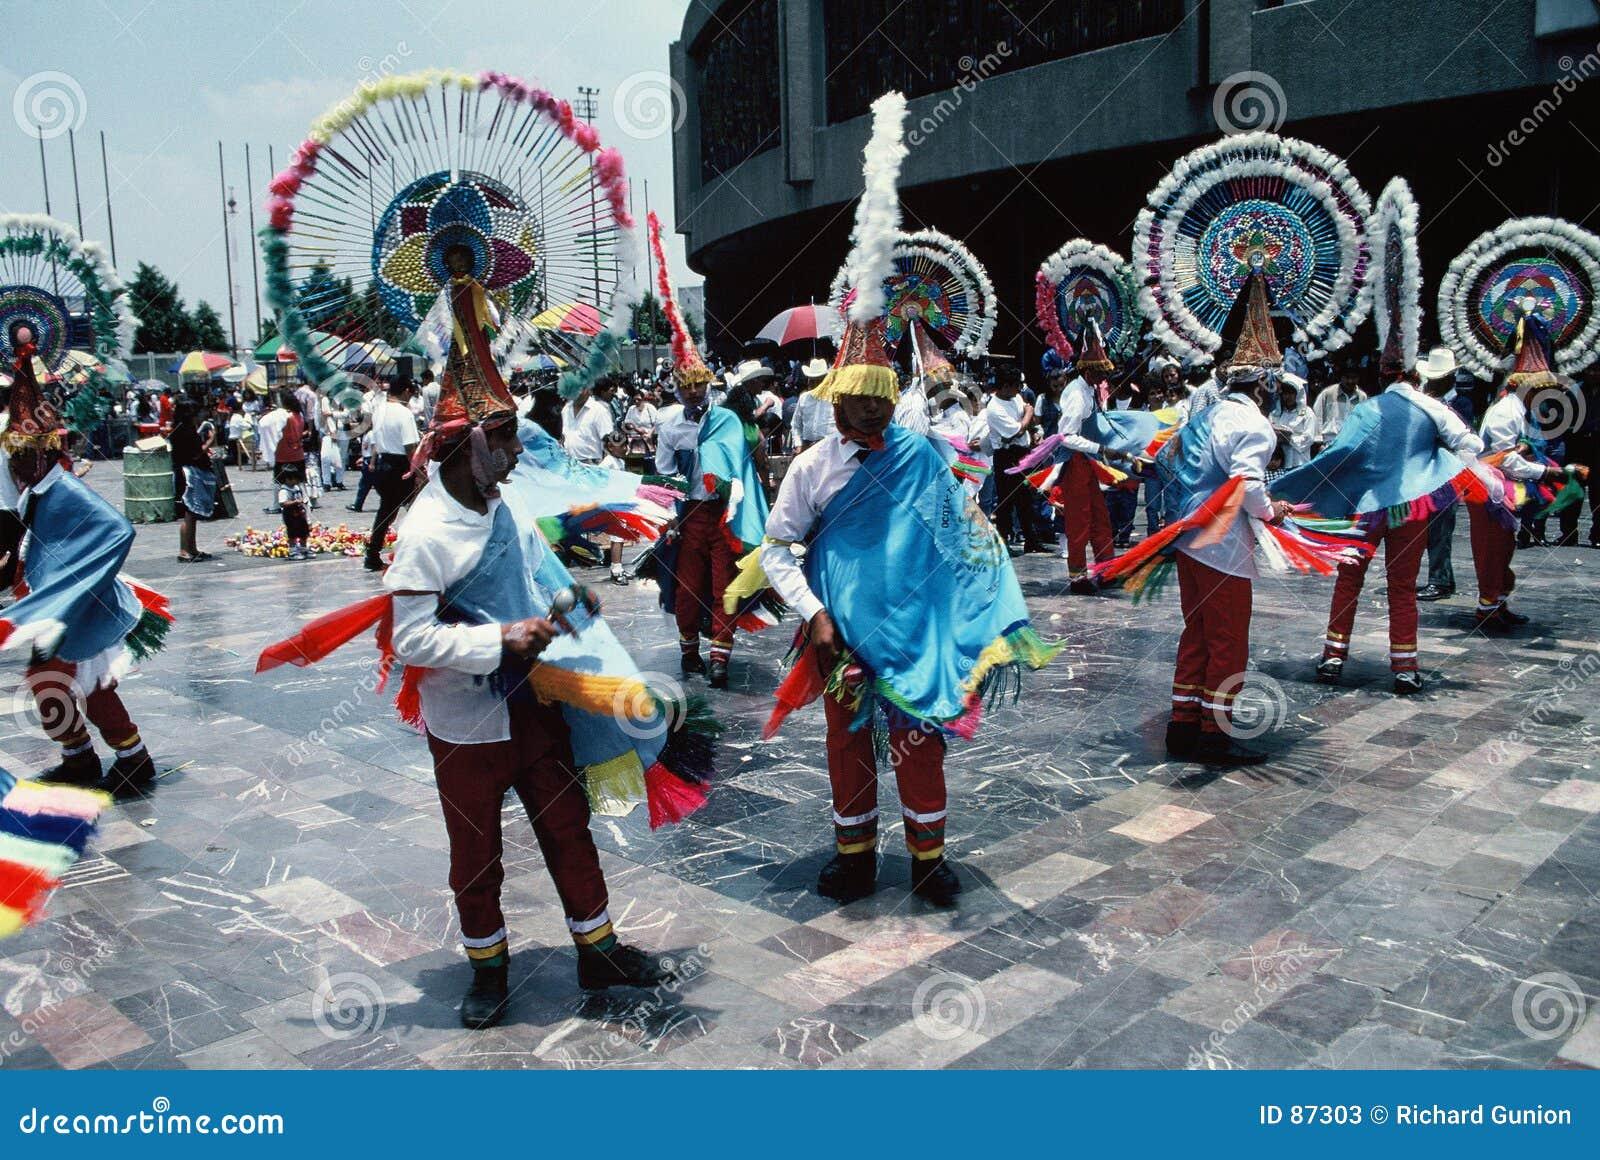 Città azteca del Danzatore-Messico